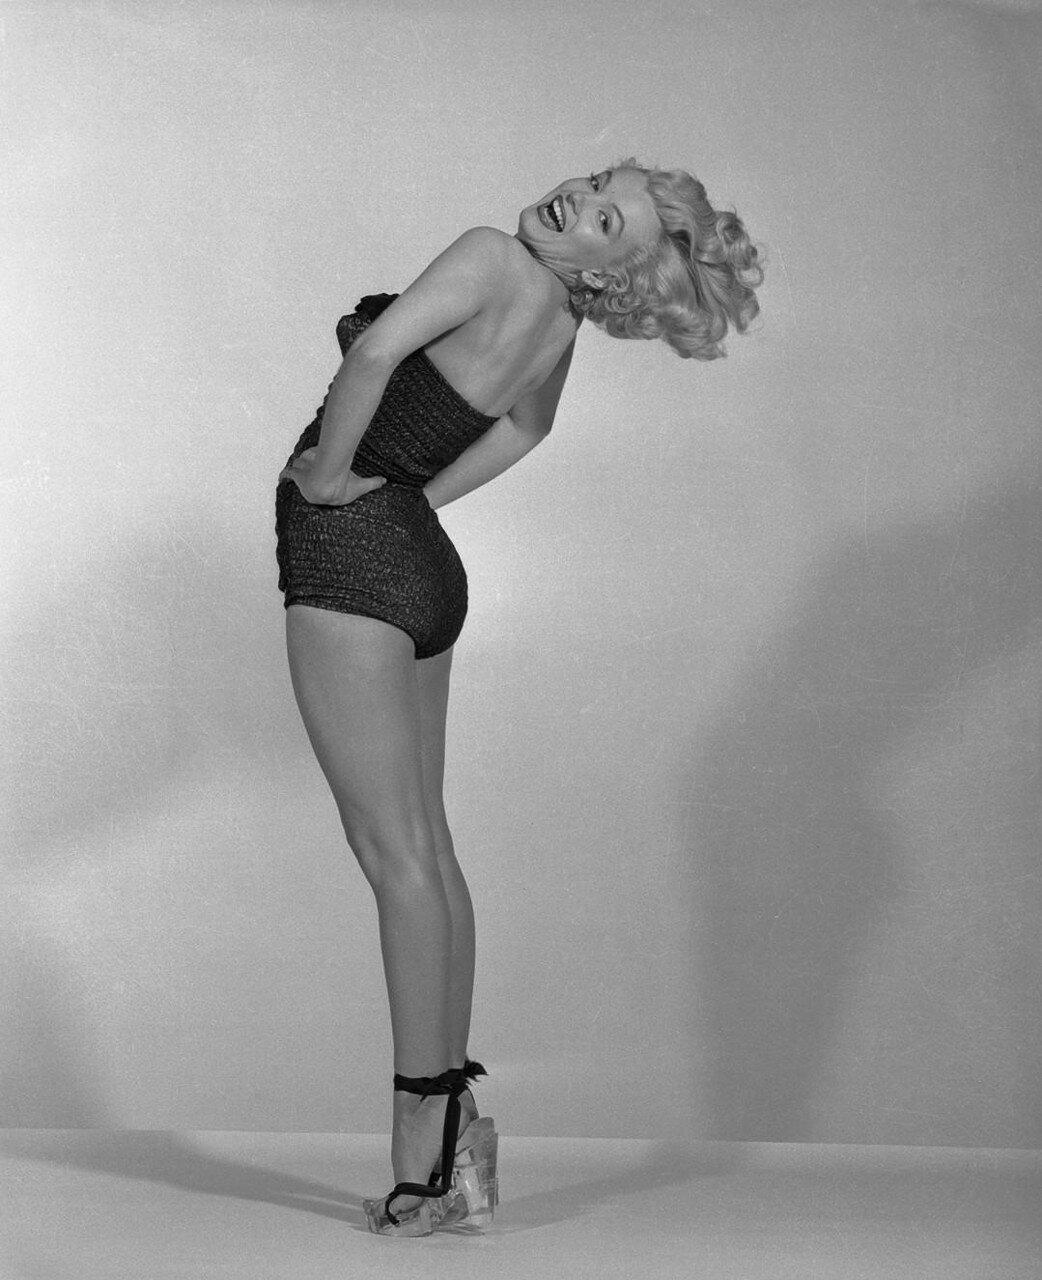 Actress Marilyn Monroe Posing in Bathing Suit